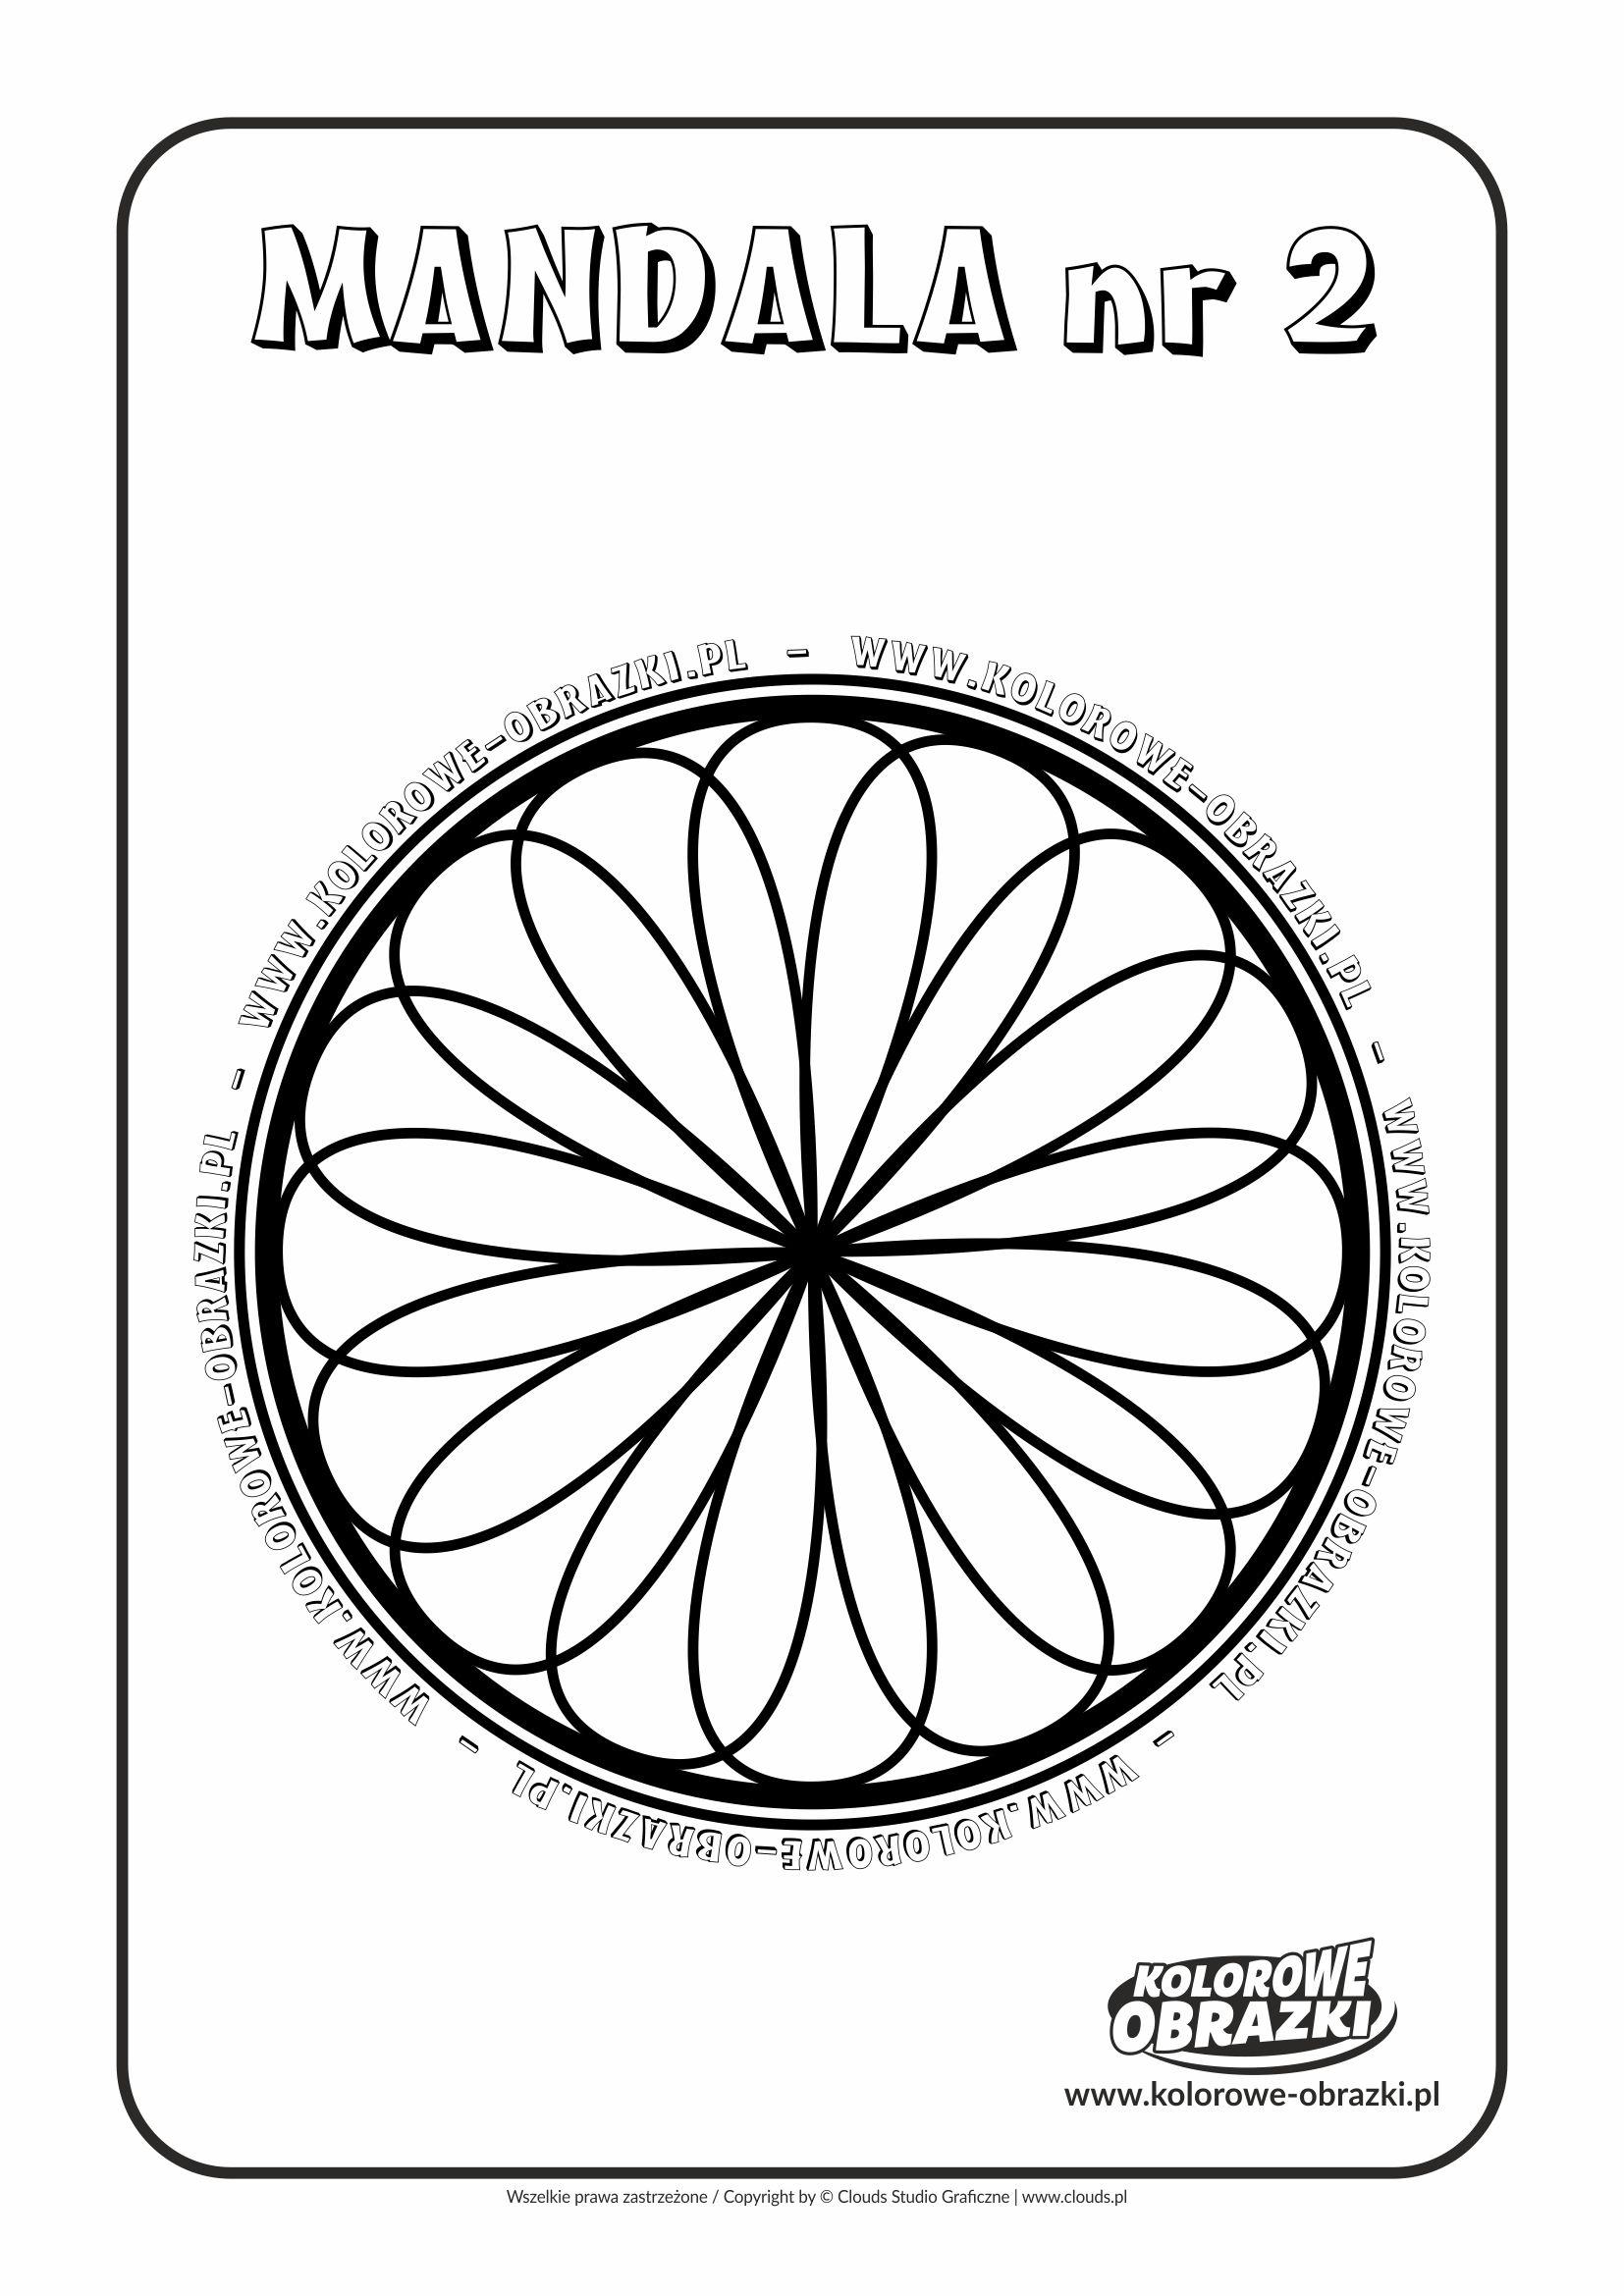 Kolorowanki dla dzieci - Mandale / Mandala nr 2. Kolorowanka z mandalą